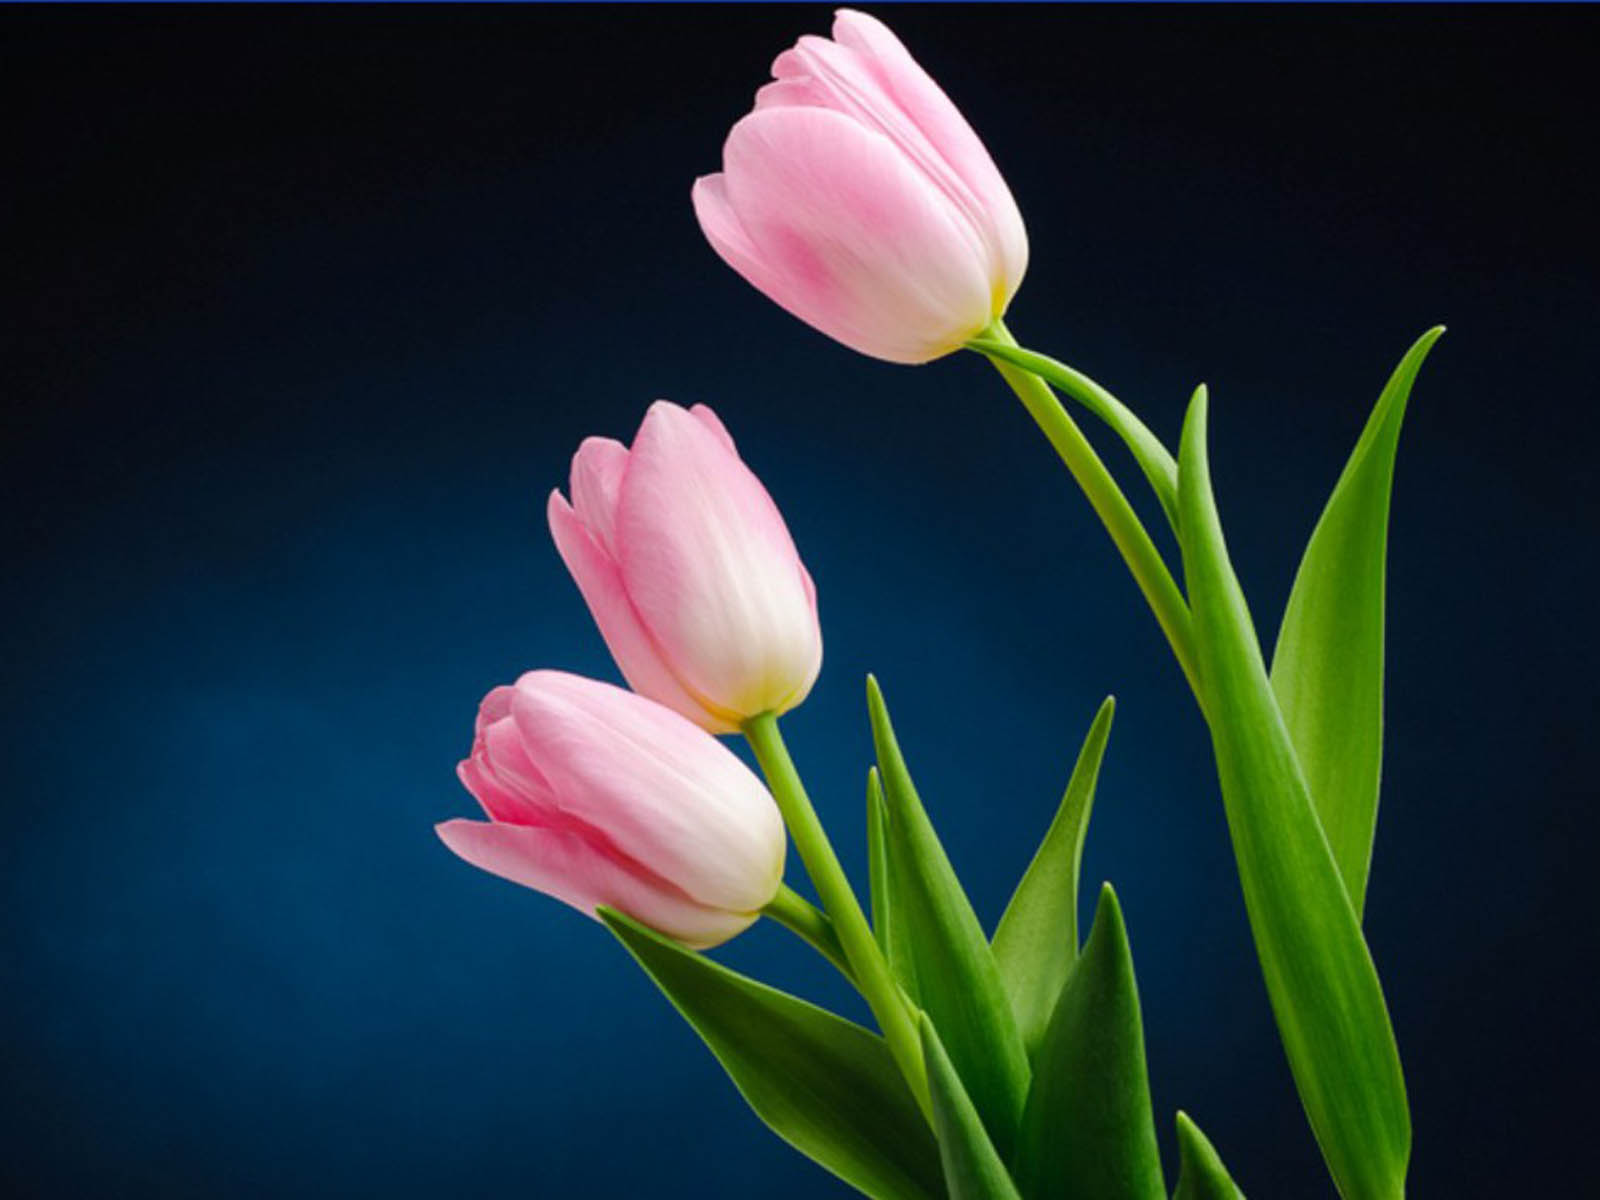 Pink white tulip flower